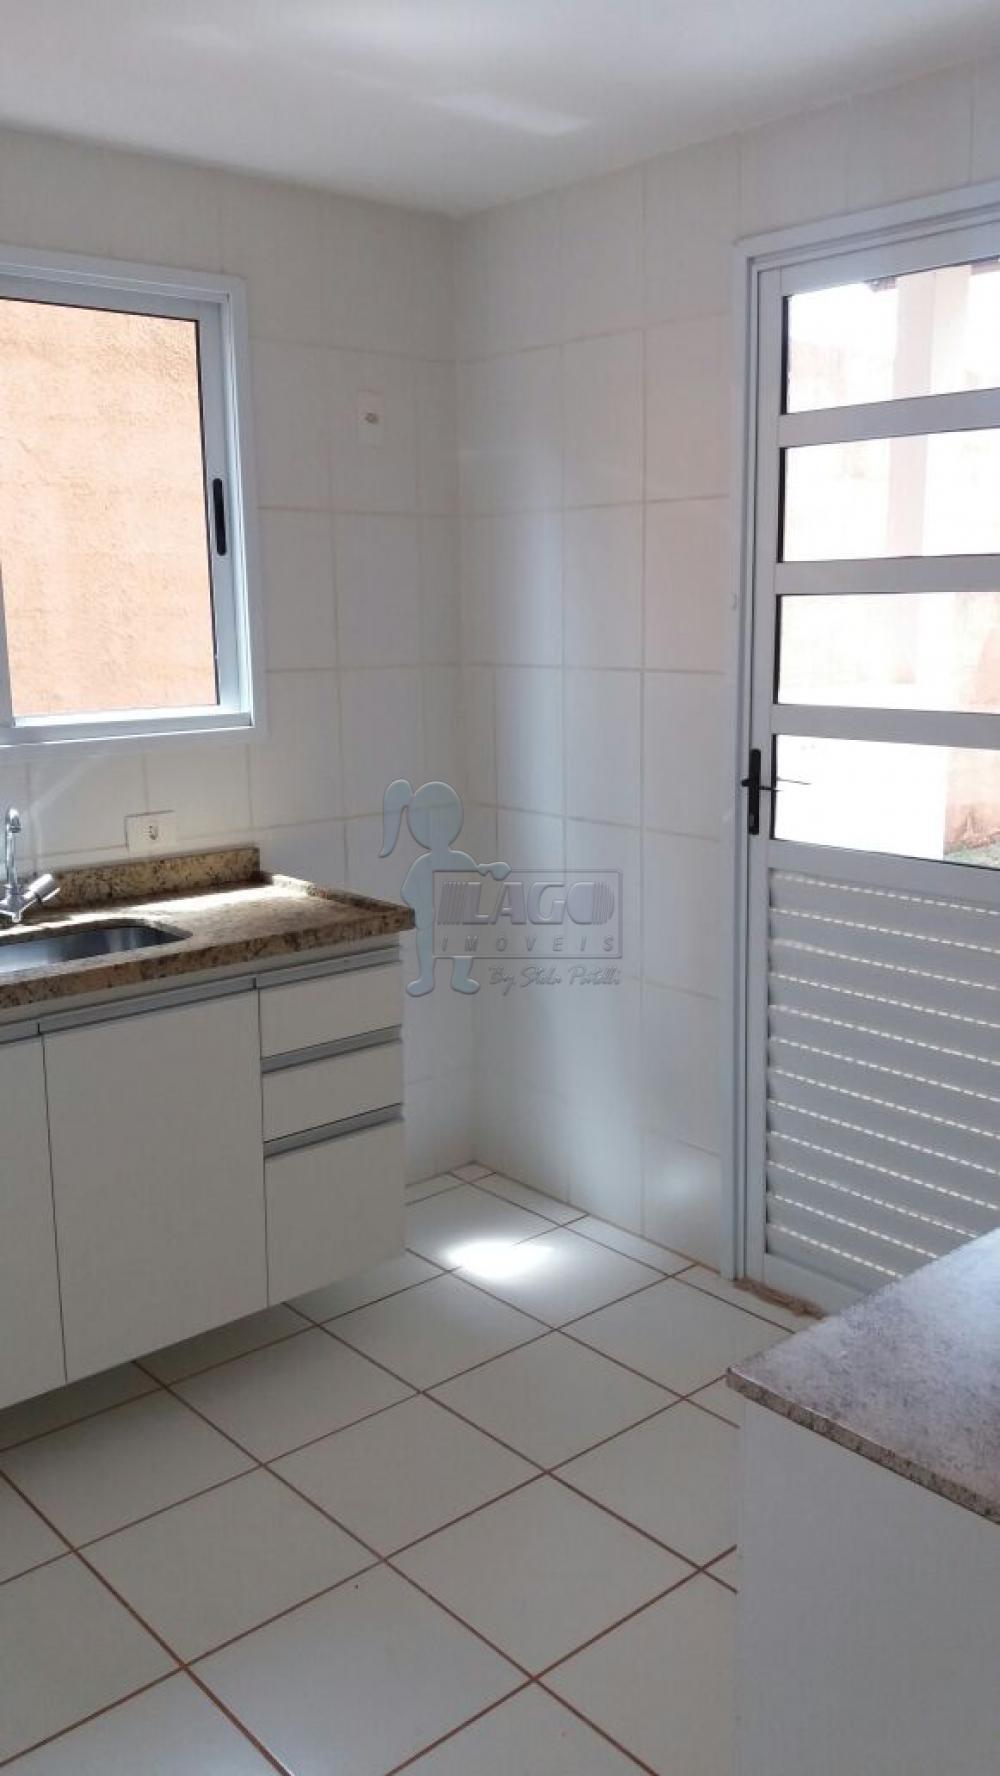 Alugar Casas / Condomínio em Ribeirão Preto apenas R$ 2.000,00 - Foto 14